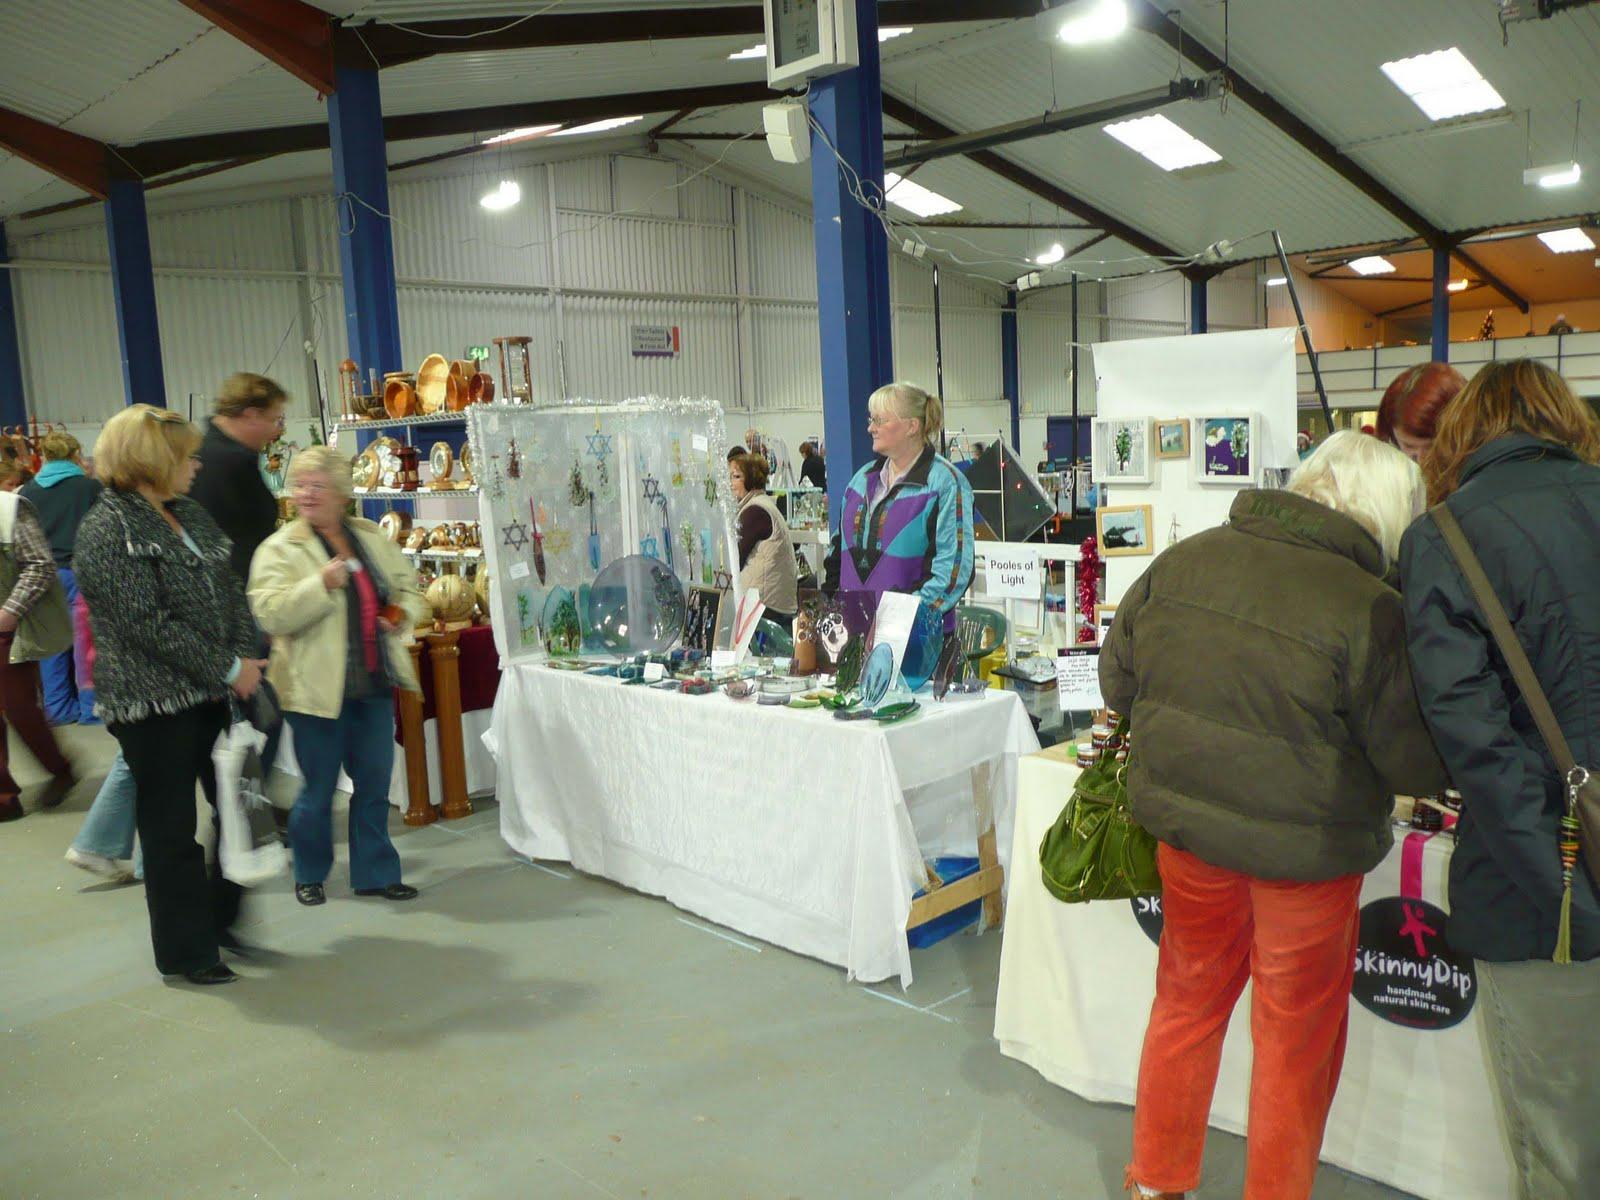 Exhibition Stand Warwickshire : Solihull artists forum warwickshire arts crafts